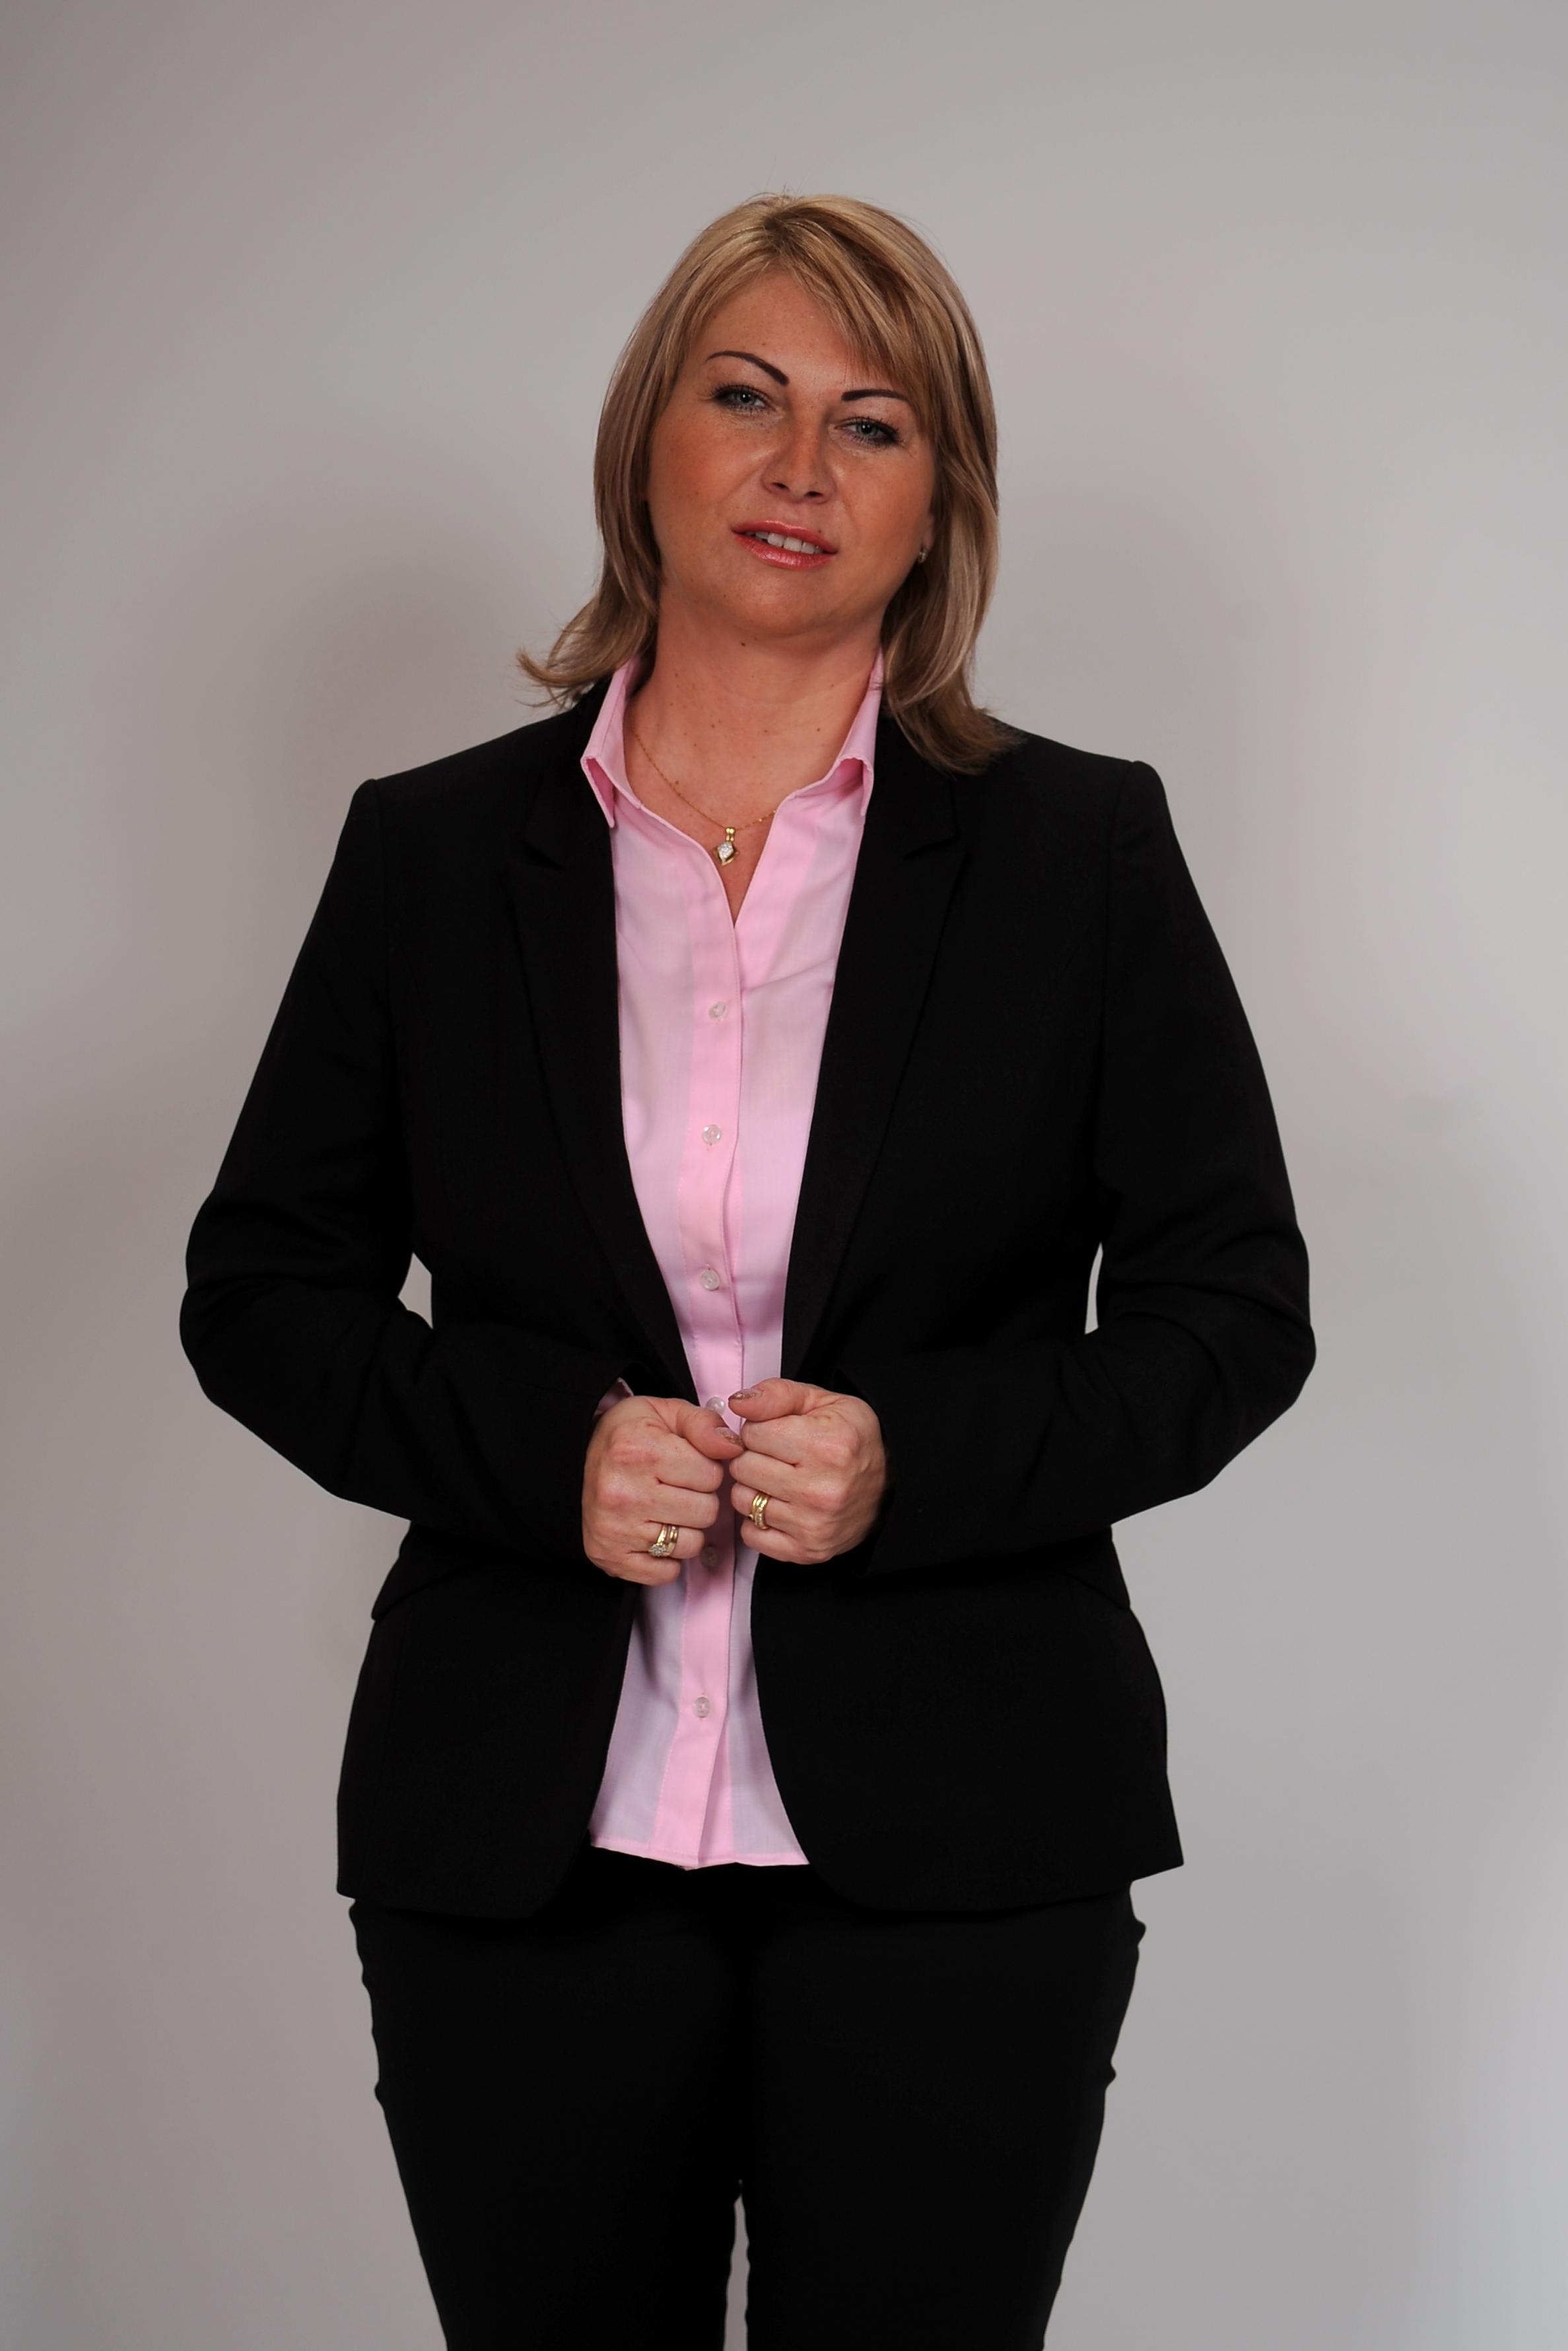 Ewa Kuś  - Dyrektor Sprzedaży - Oddział Śląski Auxilia